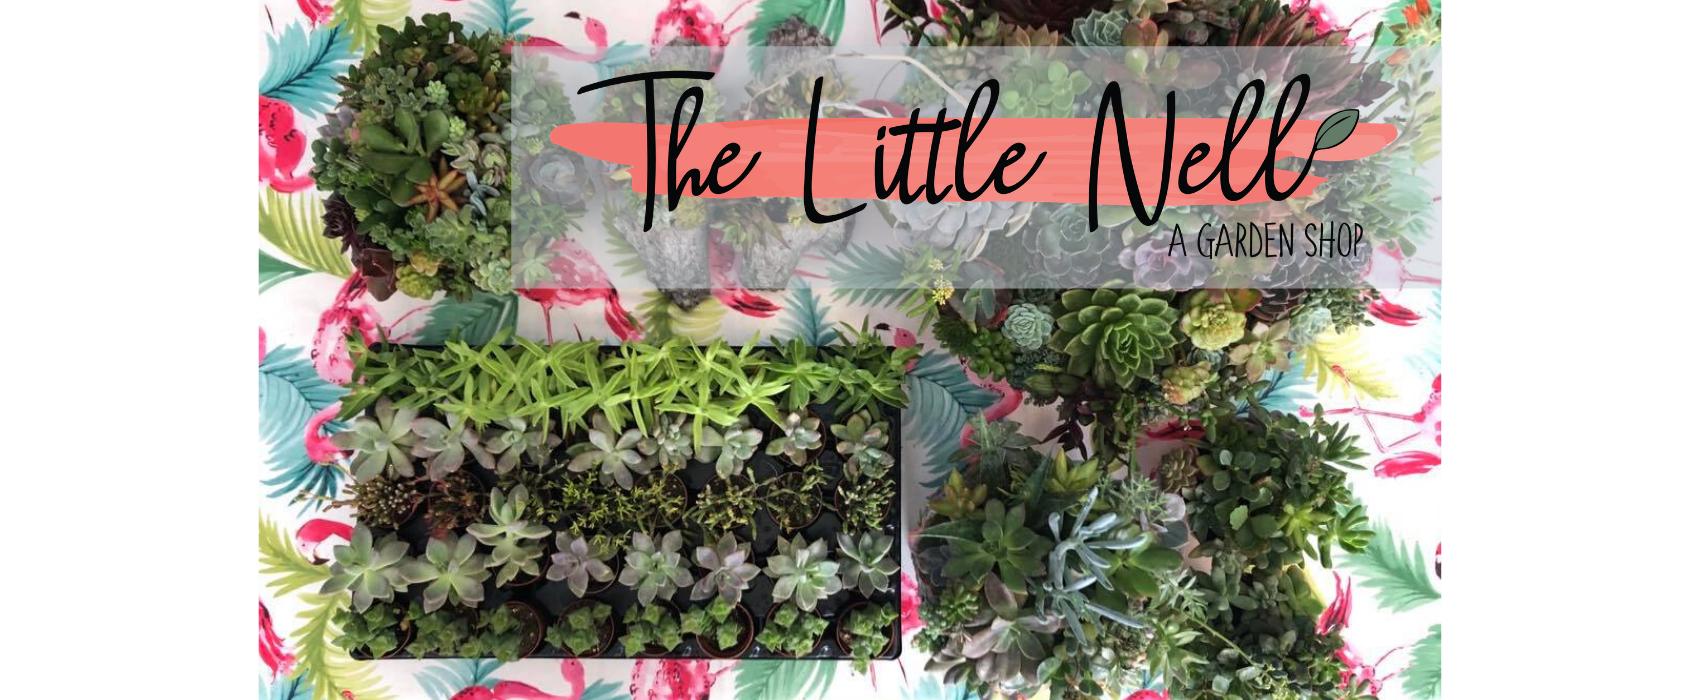 The Little Nell - A Garden Shop